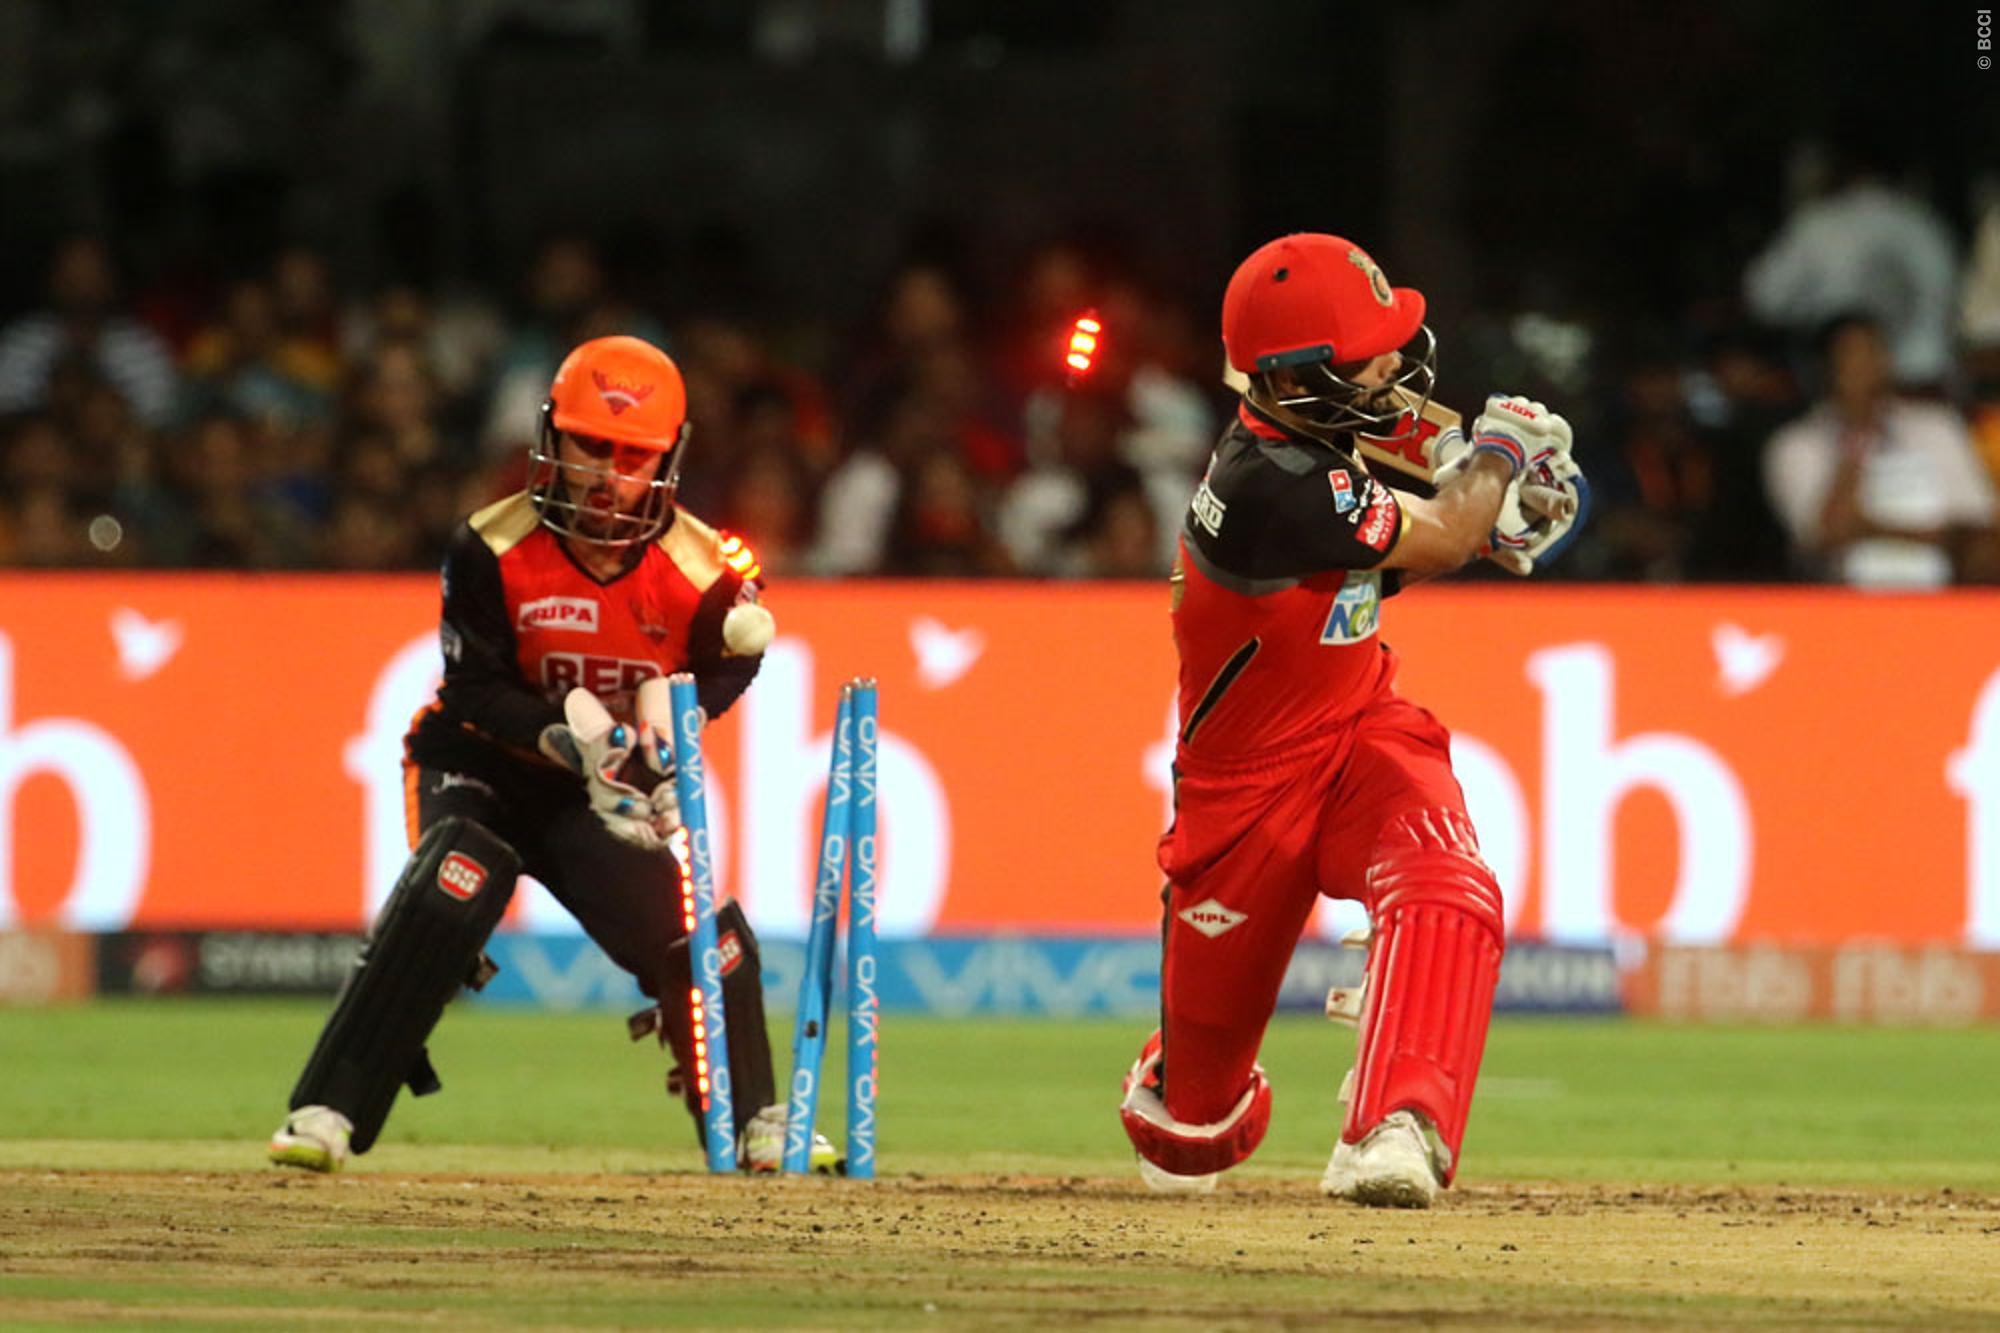 आईपीएल के पिछले 3 सालों से इस कमजोरी से जूझ रहे है भारतीय कप्तान विराट कोहली 20